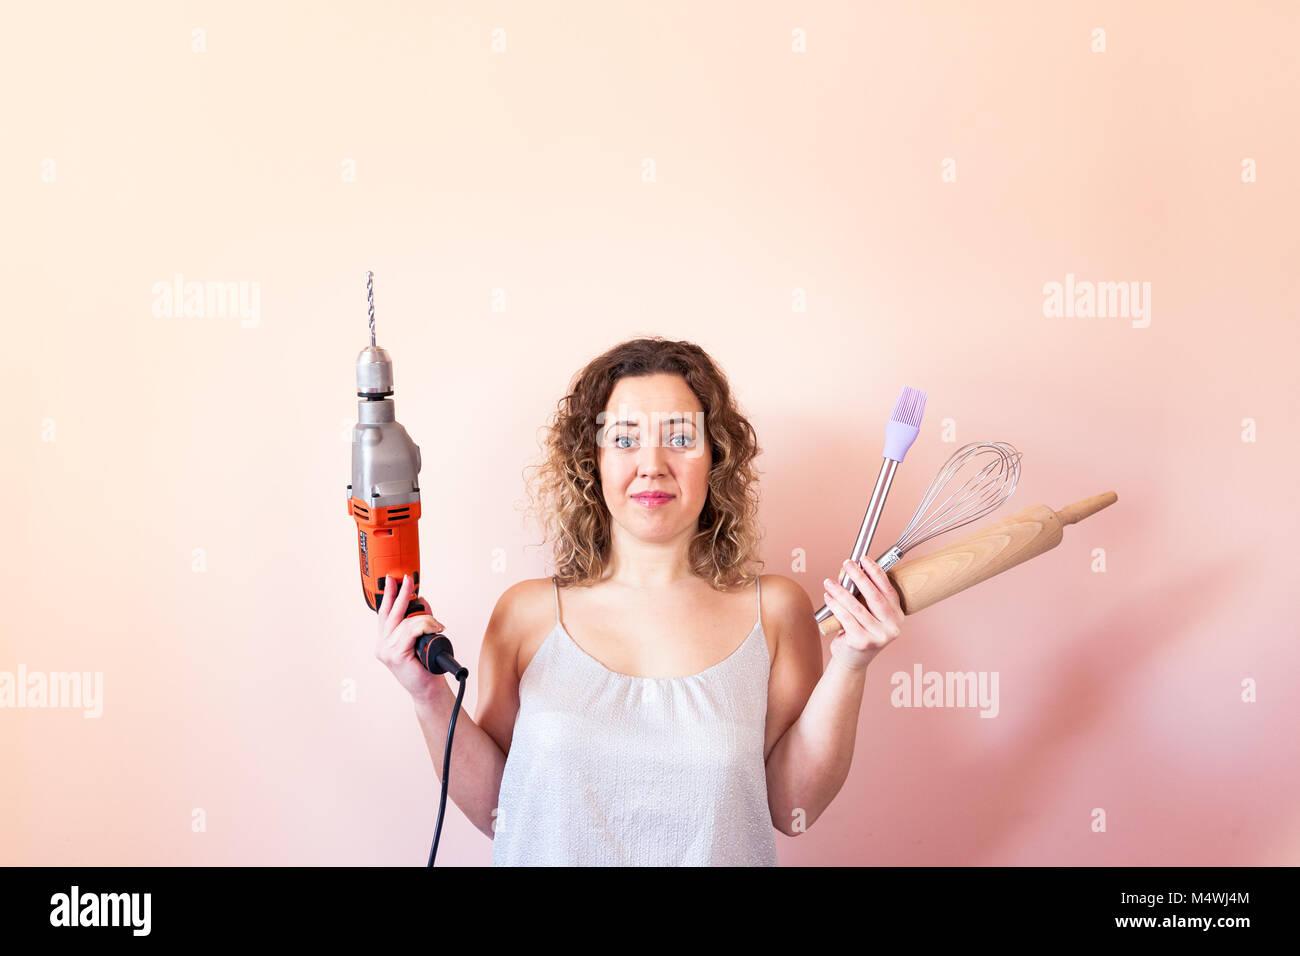 Schöne lockige Frau mit Mann driller und Küchengeräte. Die Gleichstellung von Frauen und Männern, Frauen-tag Konzept. Stockfoto